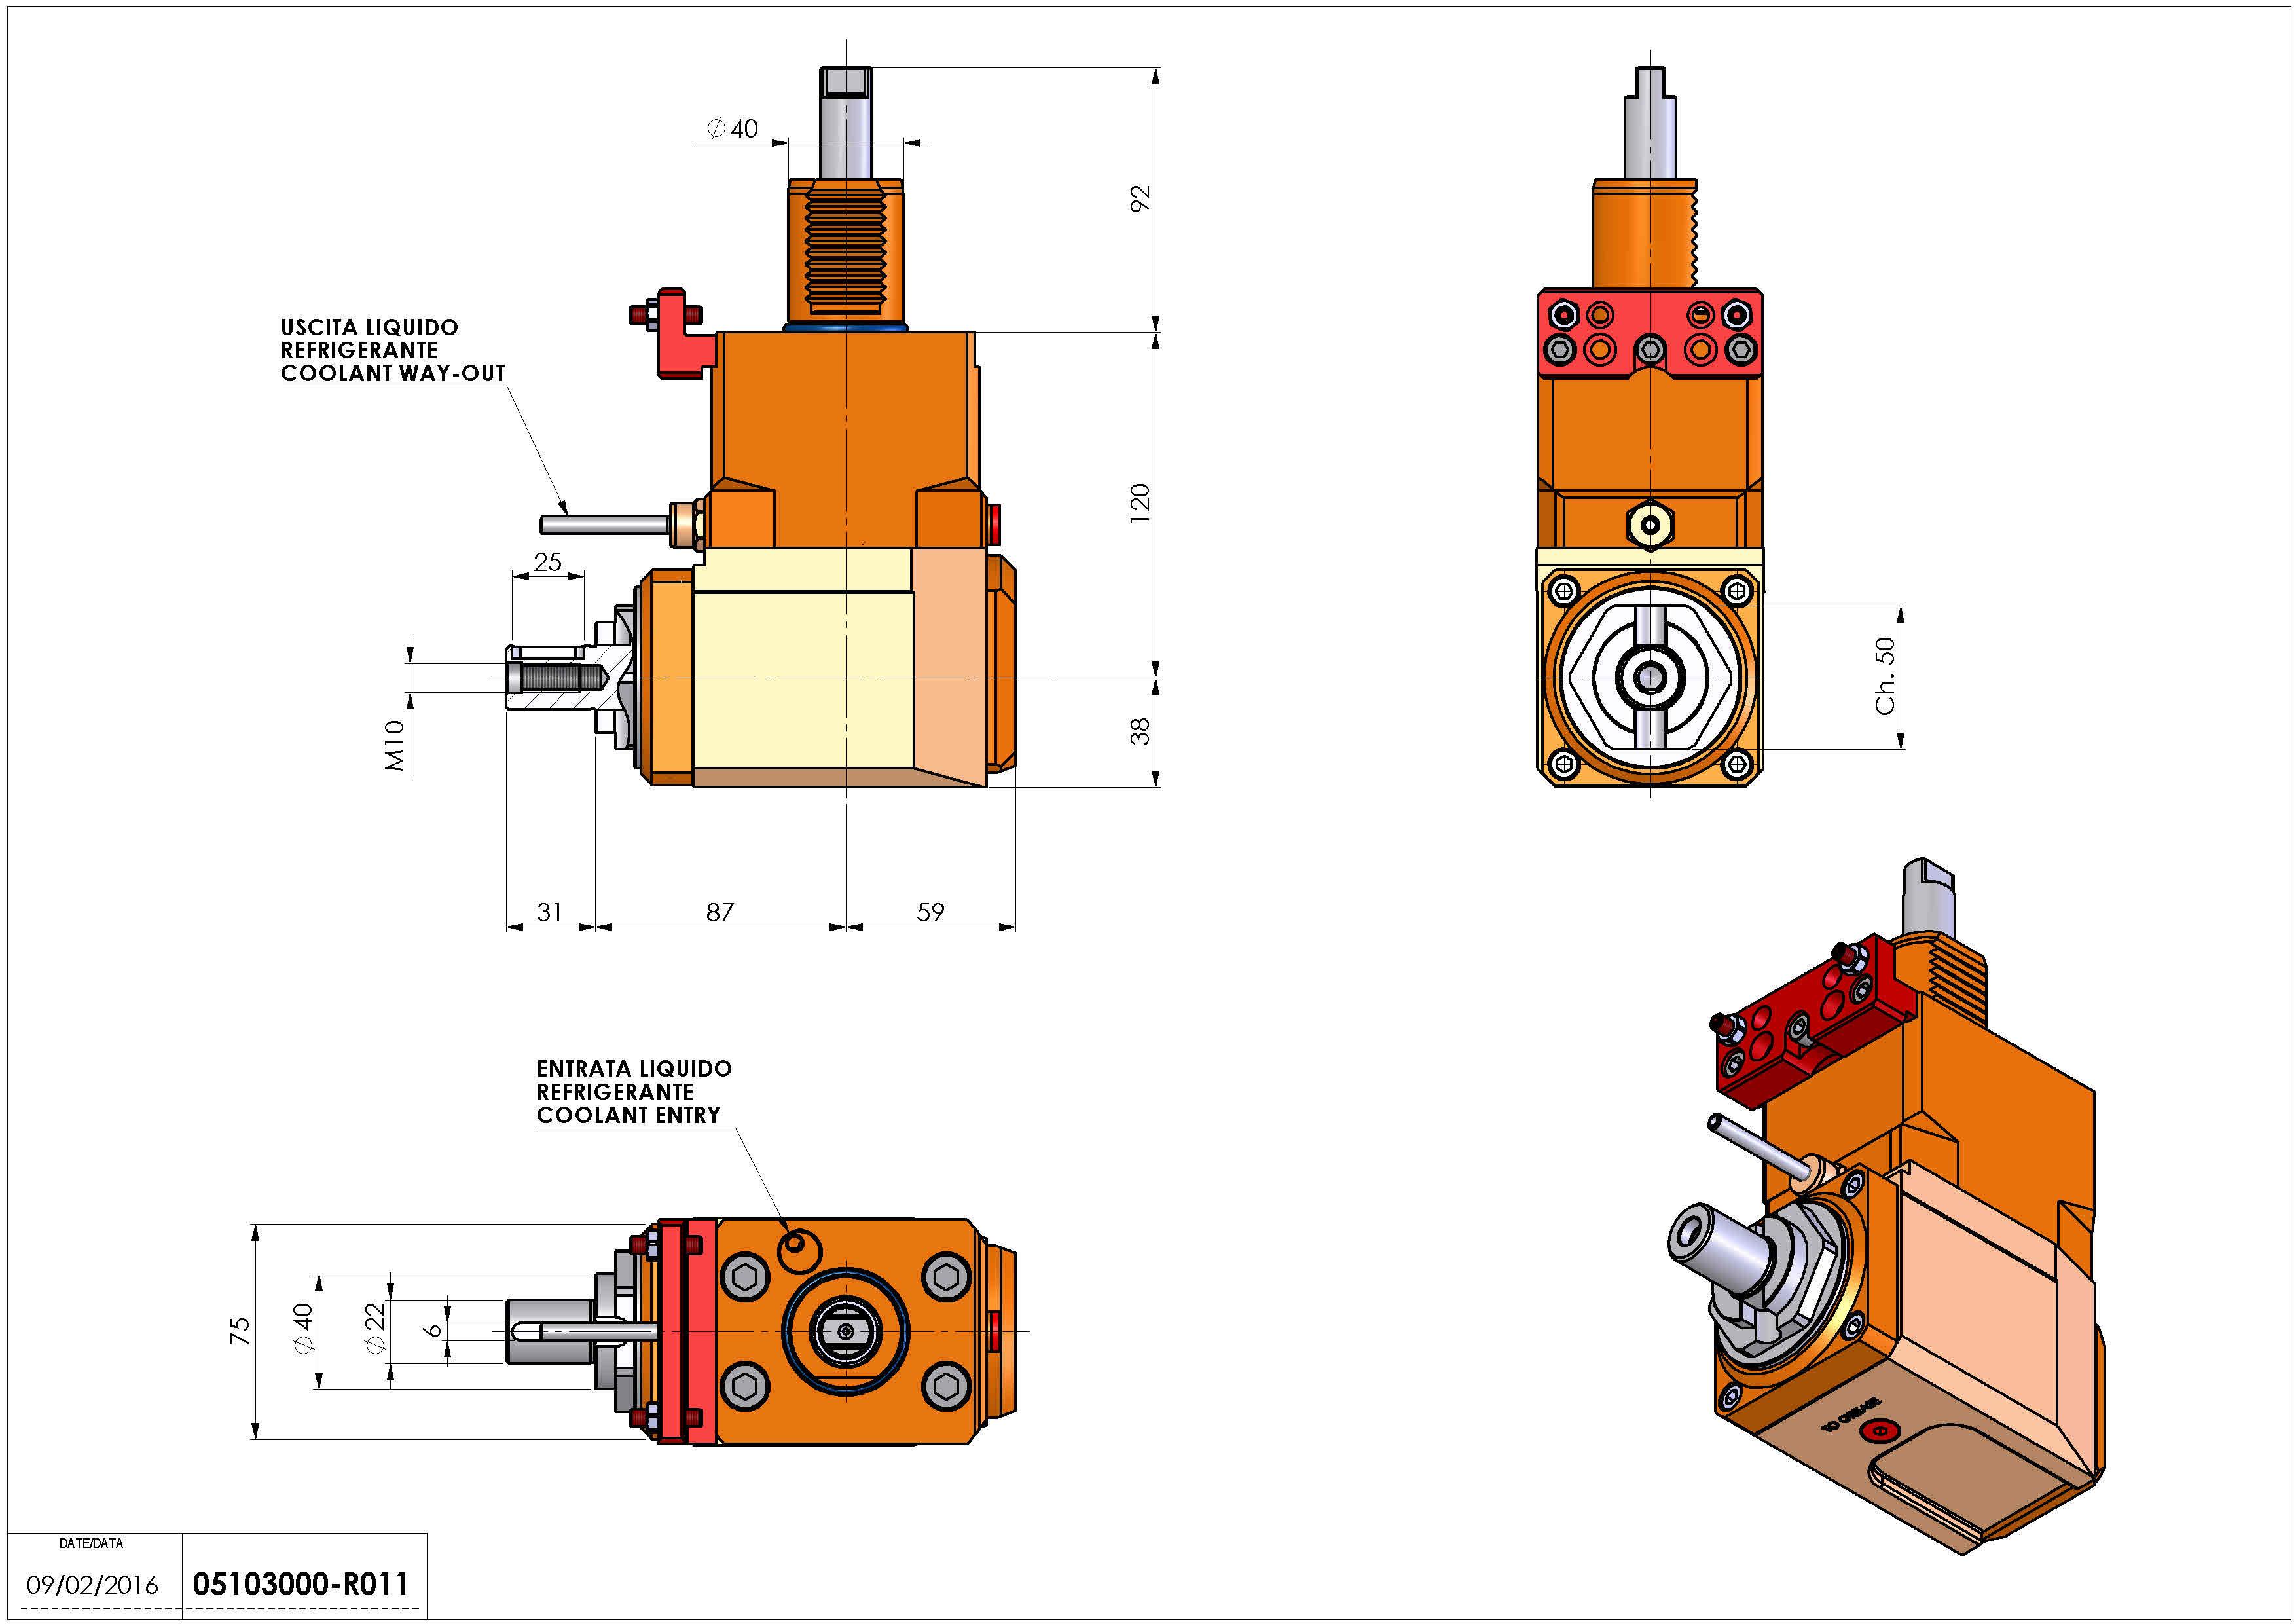 Technical image - LT-A VDI40 DIN138-22 R H120 HW.